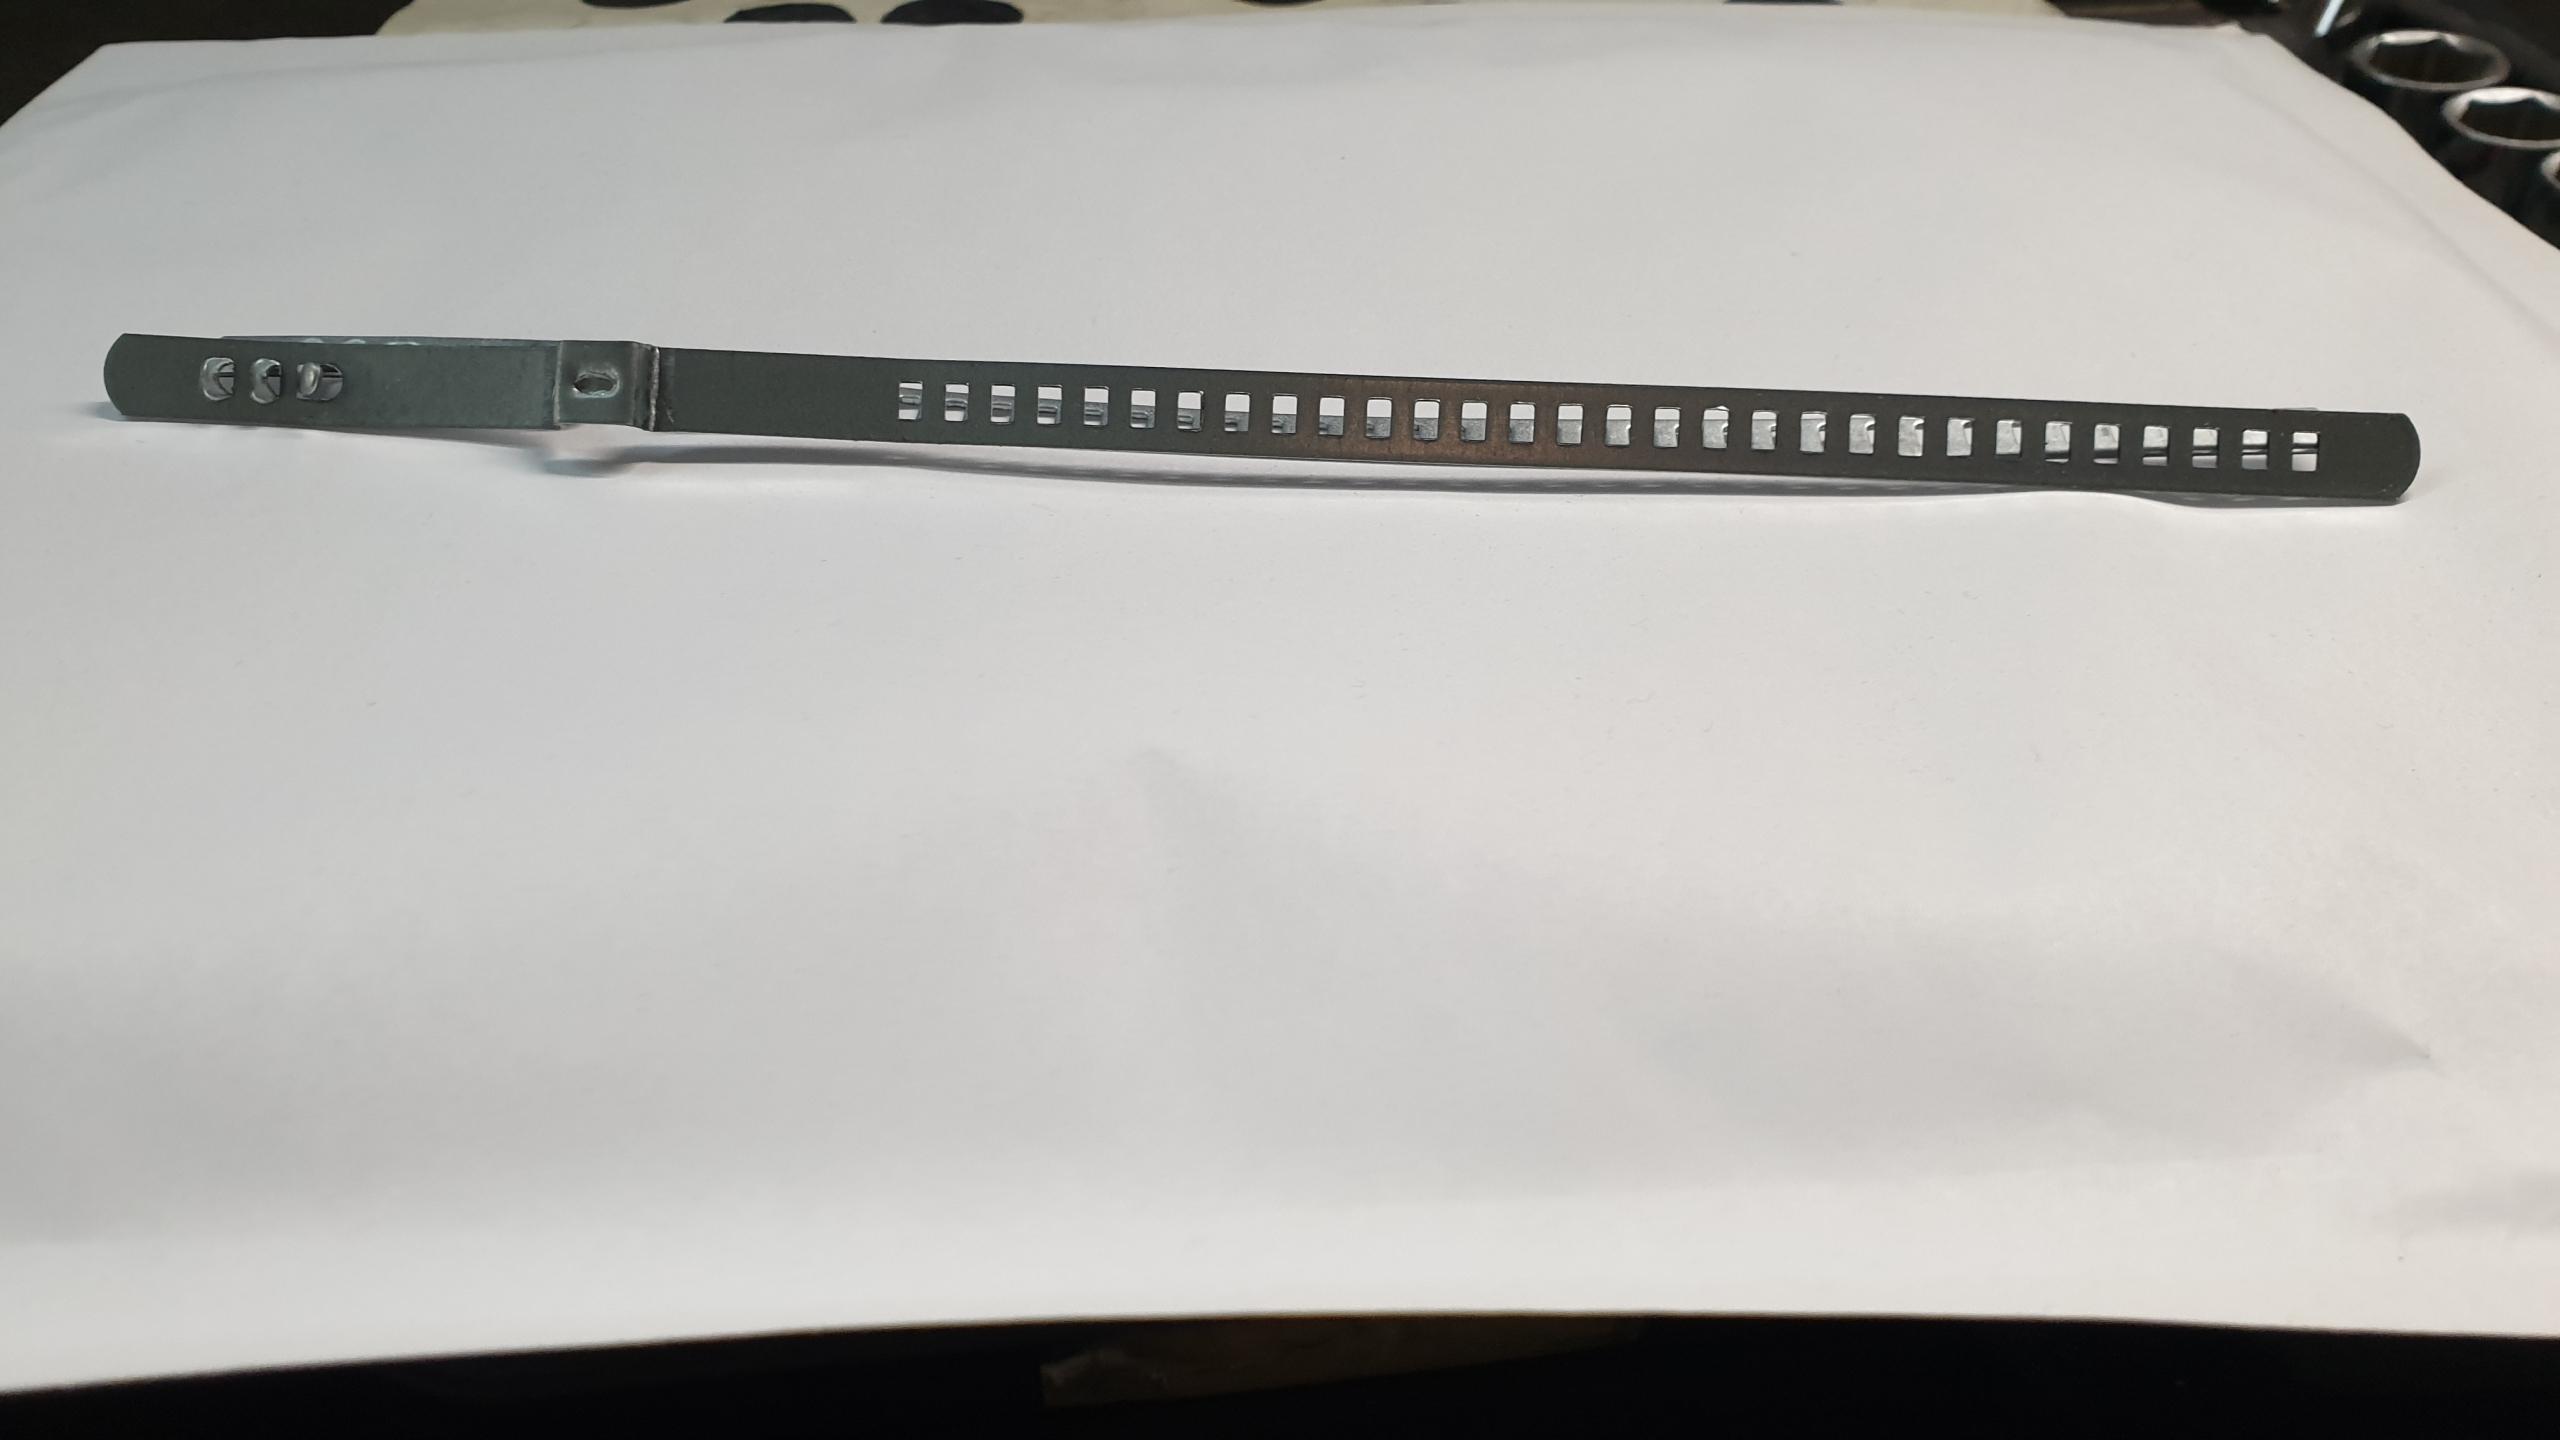 повязки универсальная к шарнира 10szt короткие 7x245